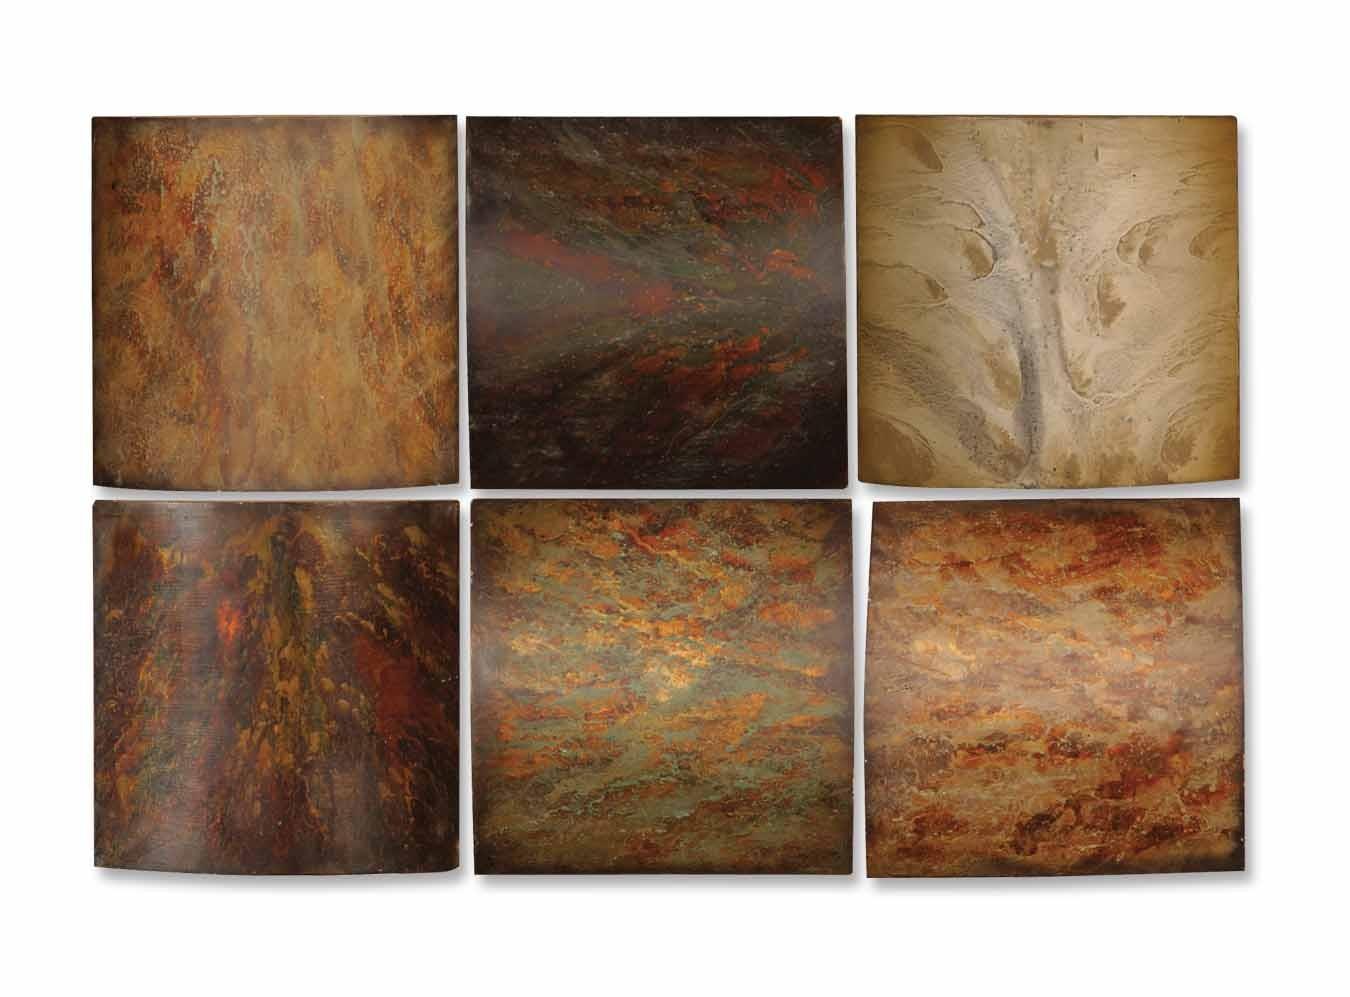 Uttermost Klum Collage Wall Art - Set of 6 13355